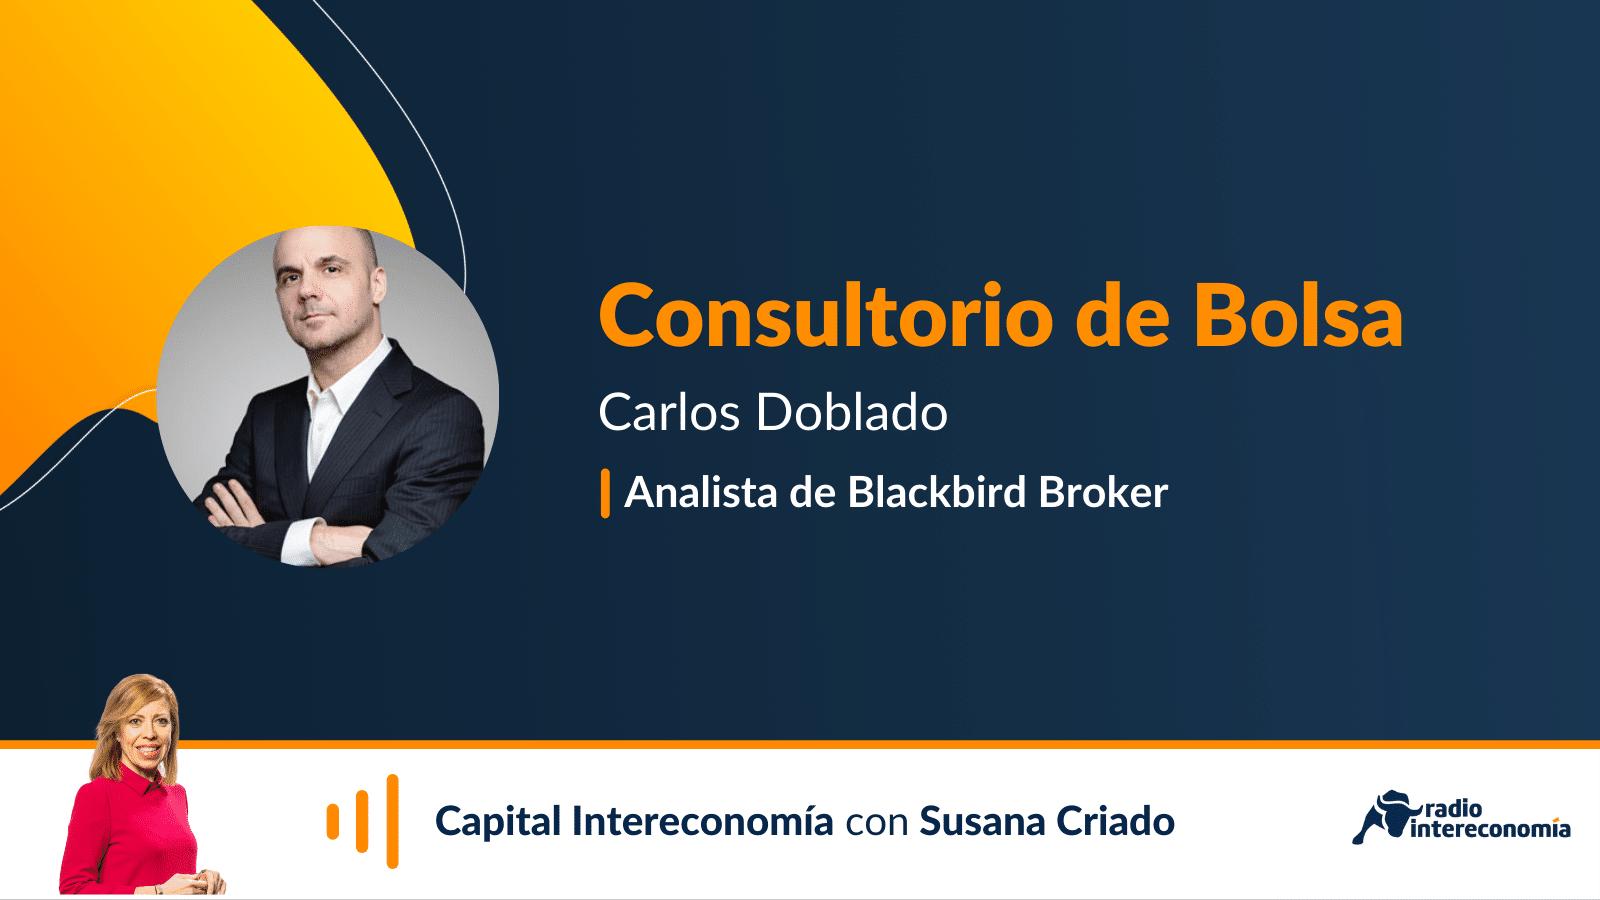 Consultorio de Bolsa con Carlos Doblado(Blackbird) 25/10/2021